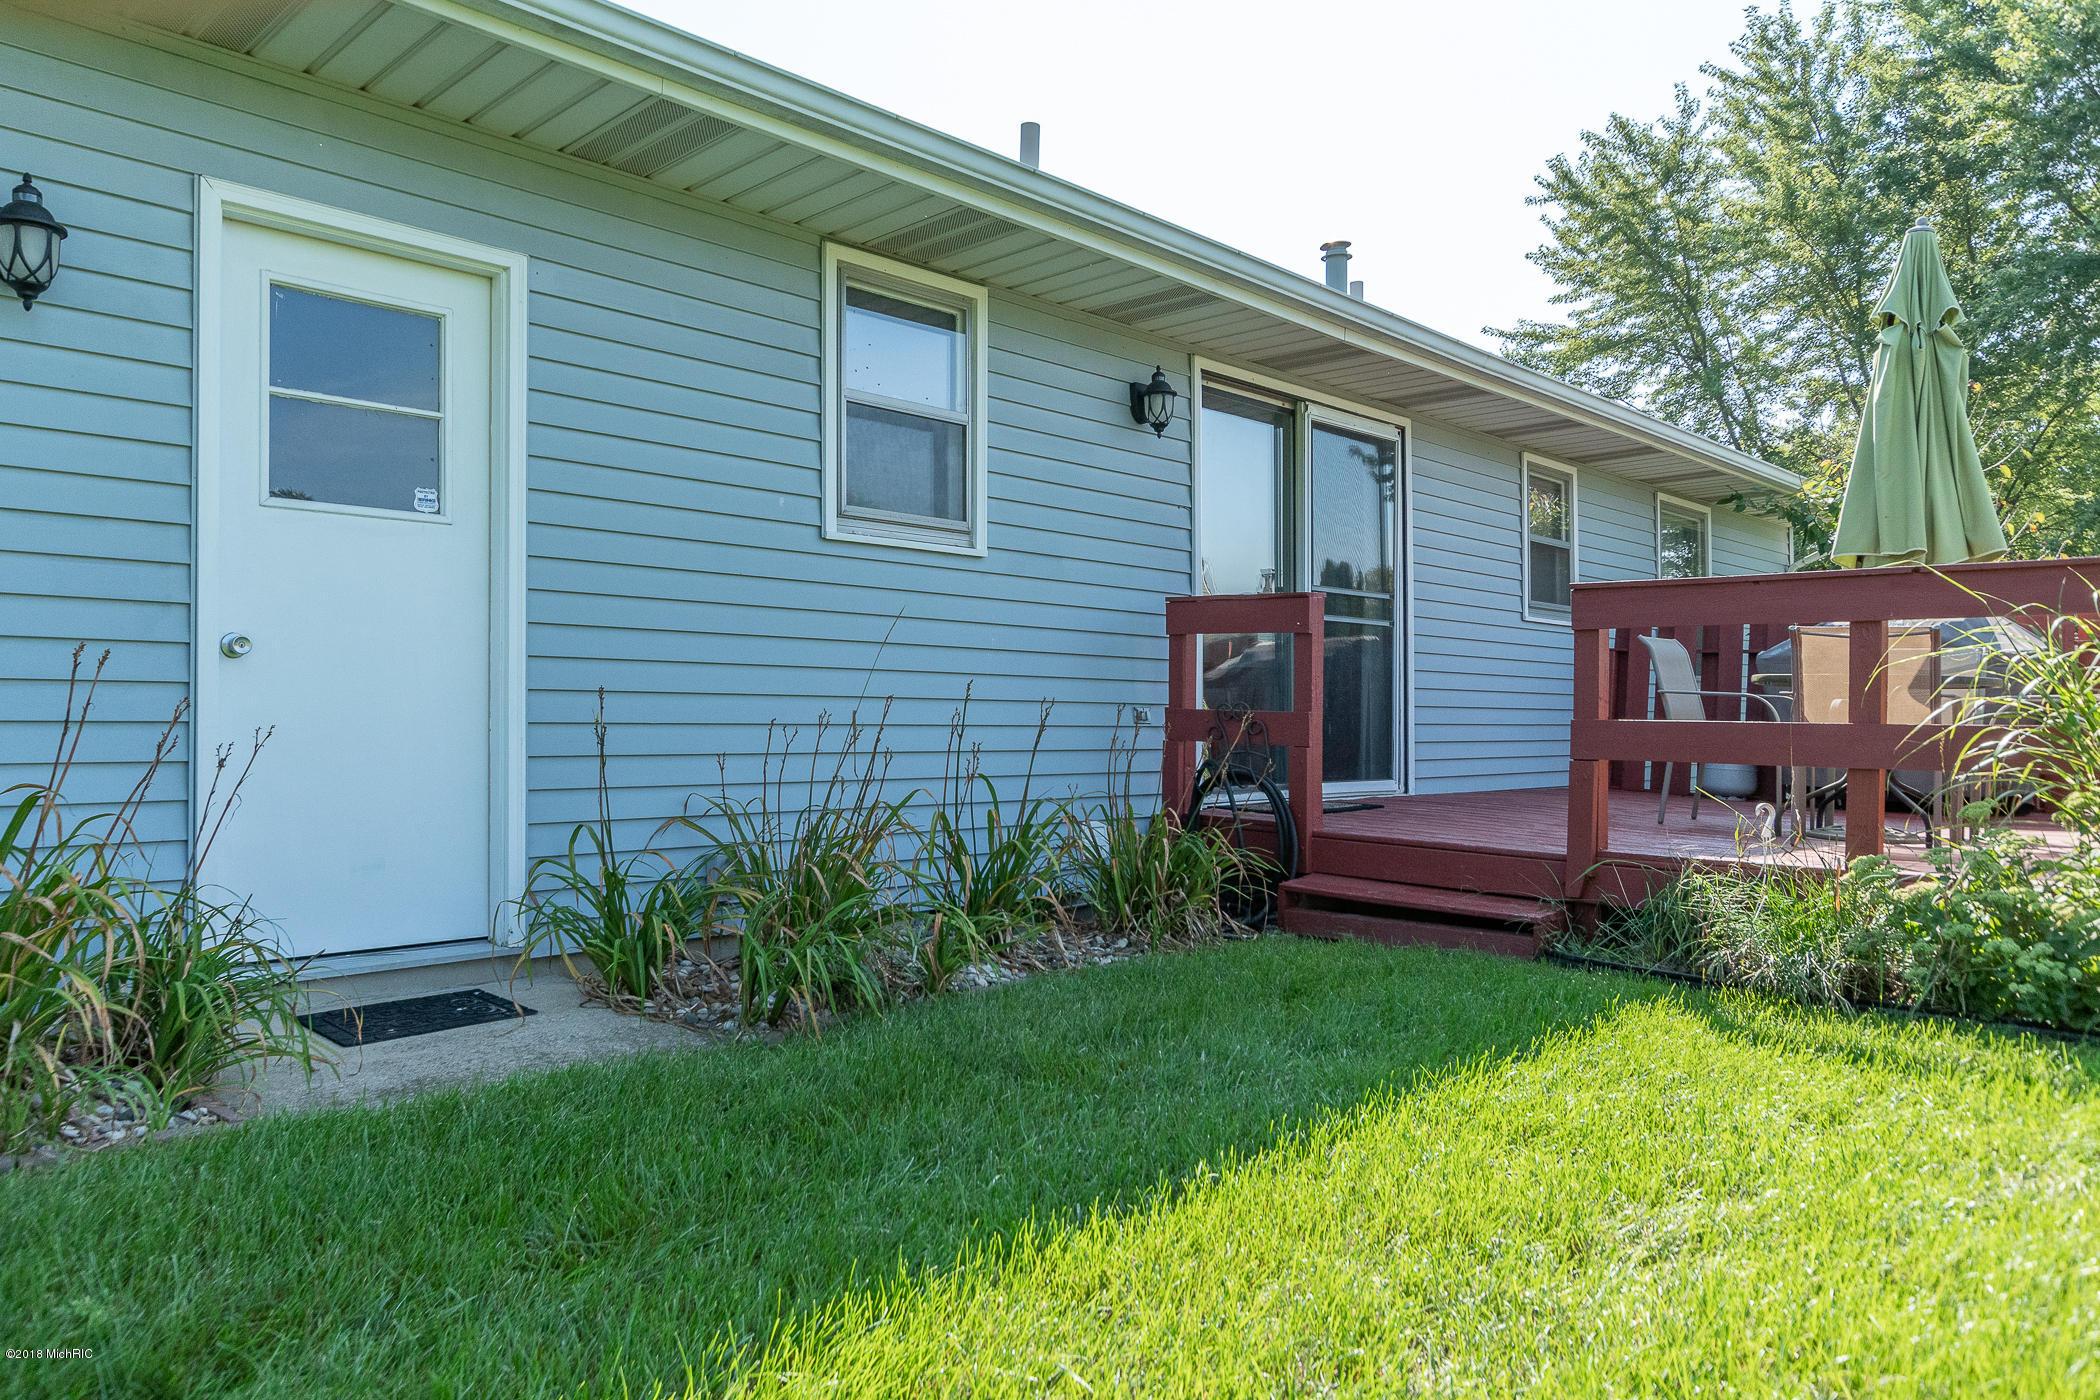 5550 Newhaven Cove, Portage, MI 49024, MLS # 18043341 | Jaqua Realtors